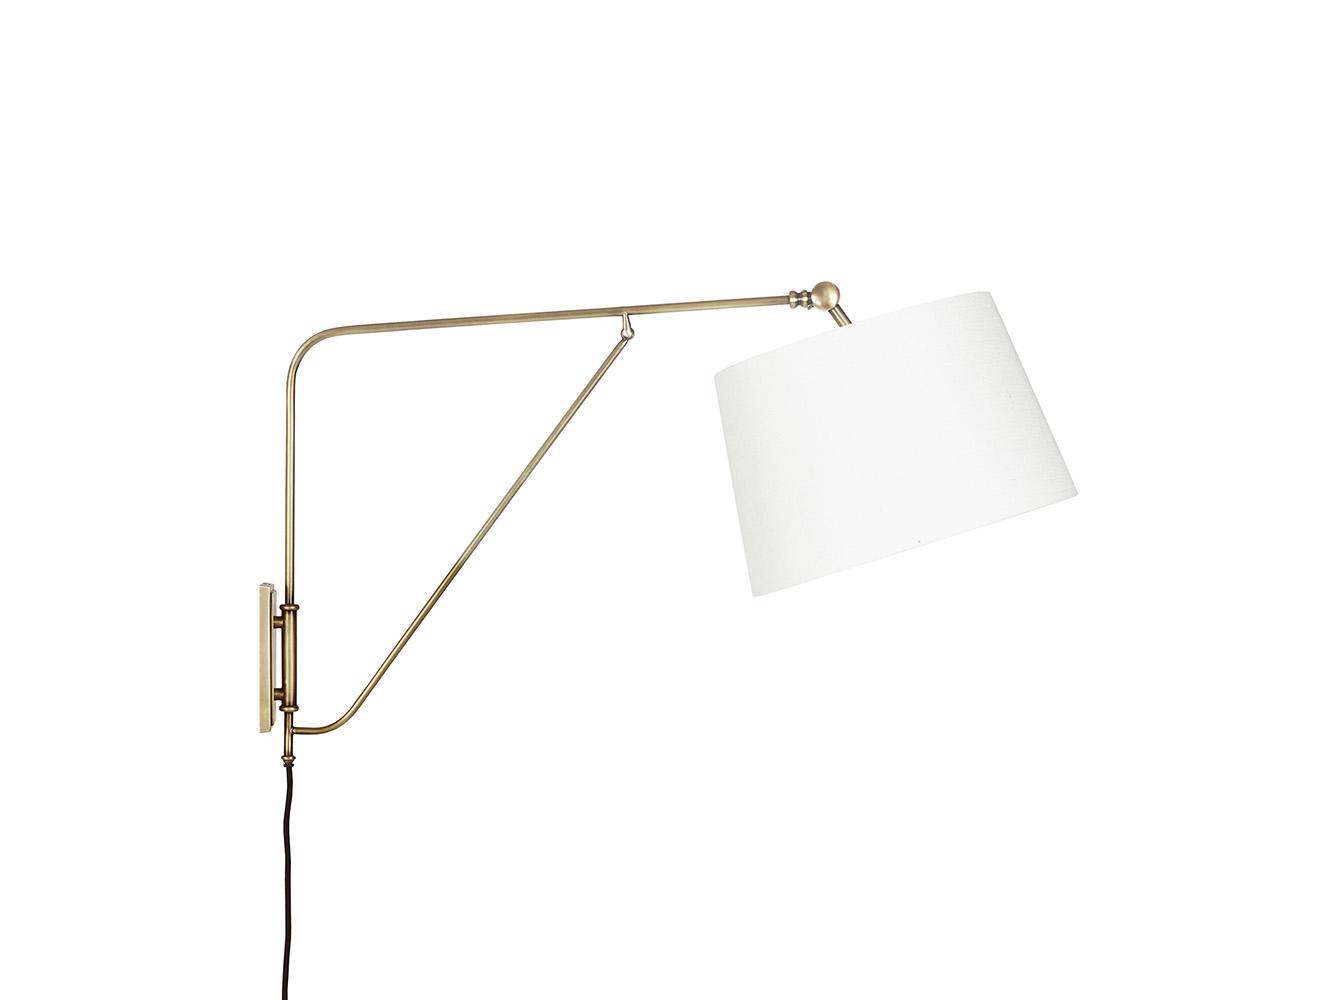 Yard Arm Wall Lamp With A Natural Hessian Shade